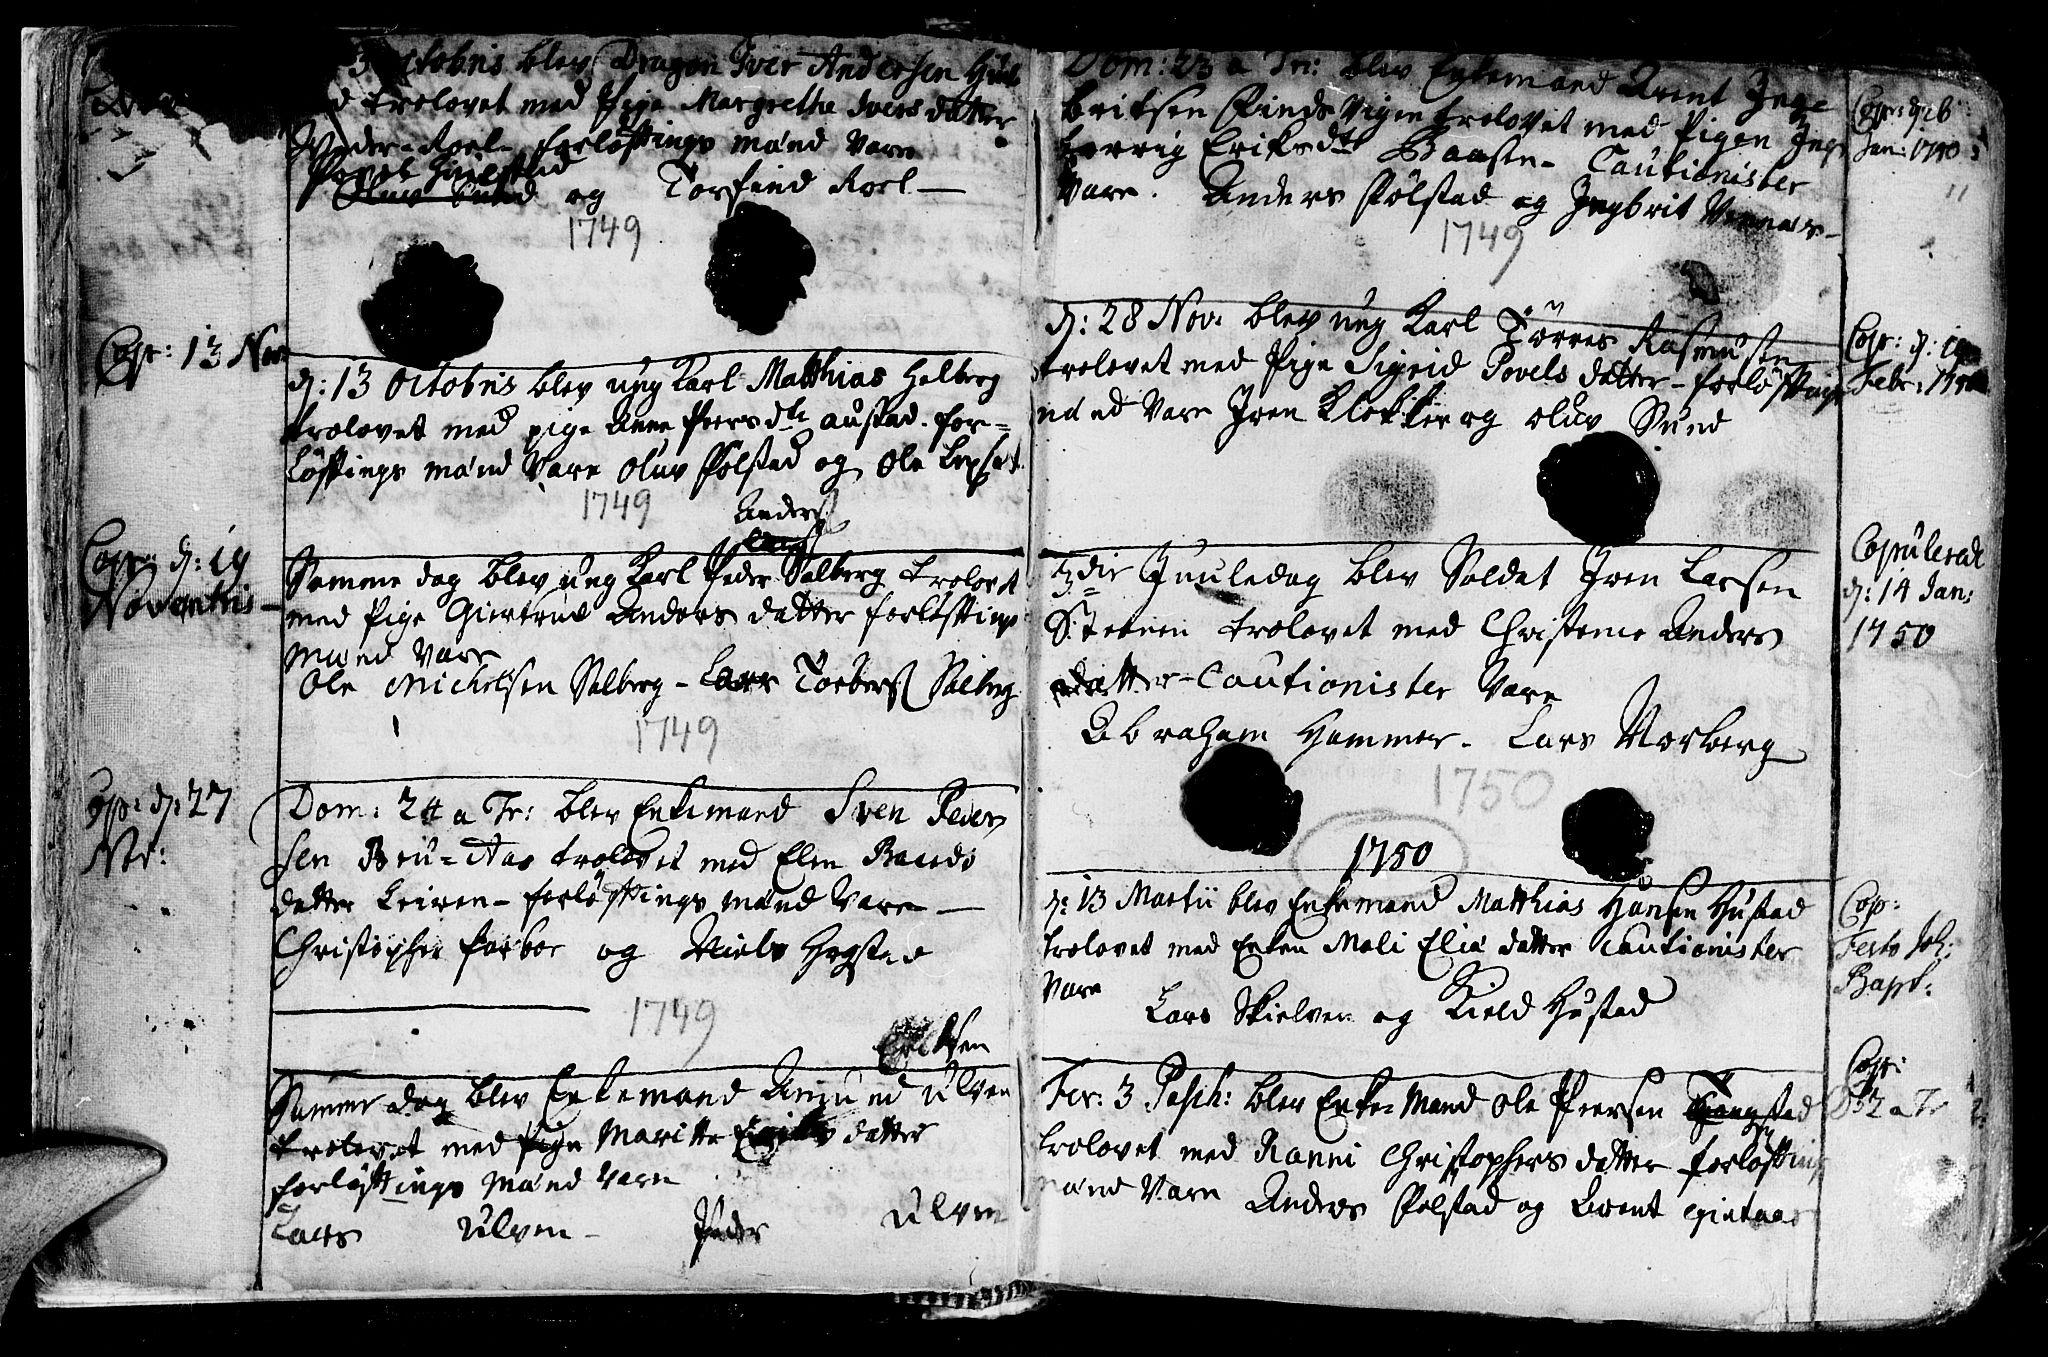 SAT, Ministerialprotokoller, klokkerbøker og fødselsregistre - Nord-Trøndelag, 730/L0272: Ministerialbok nr. 730A01, 1733-1764, s. 11